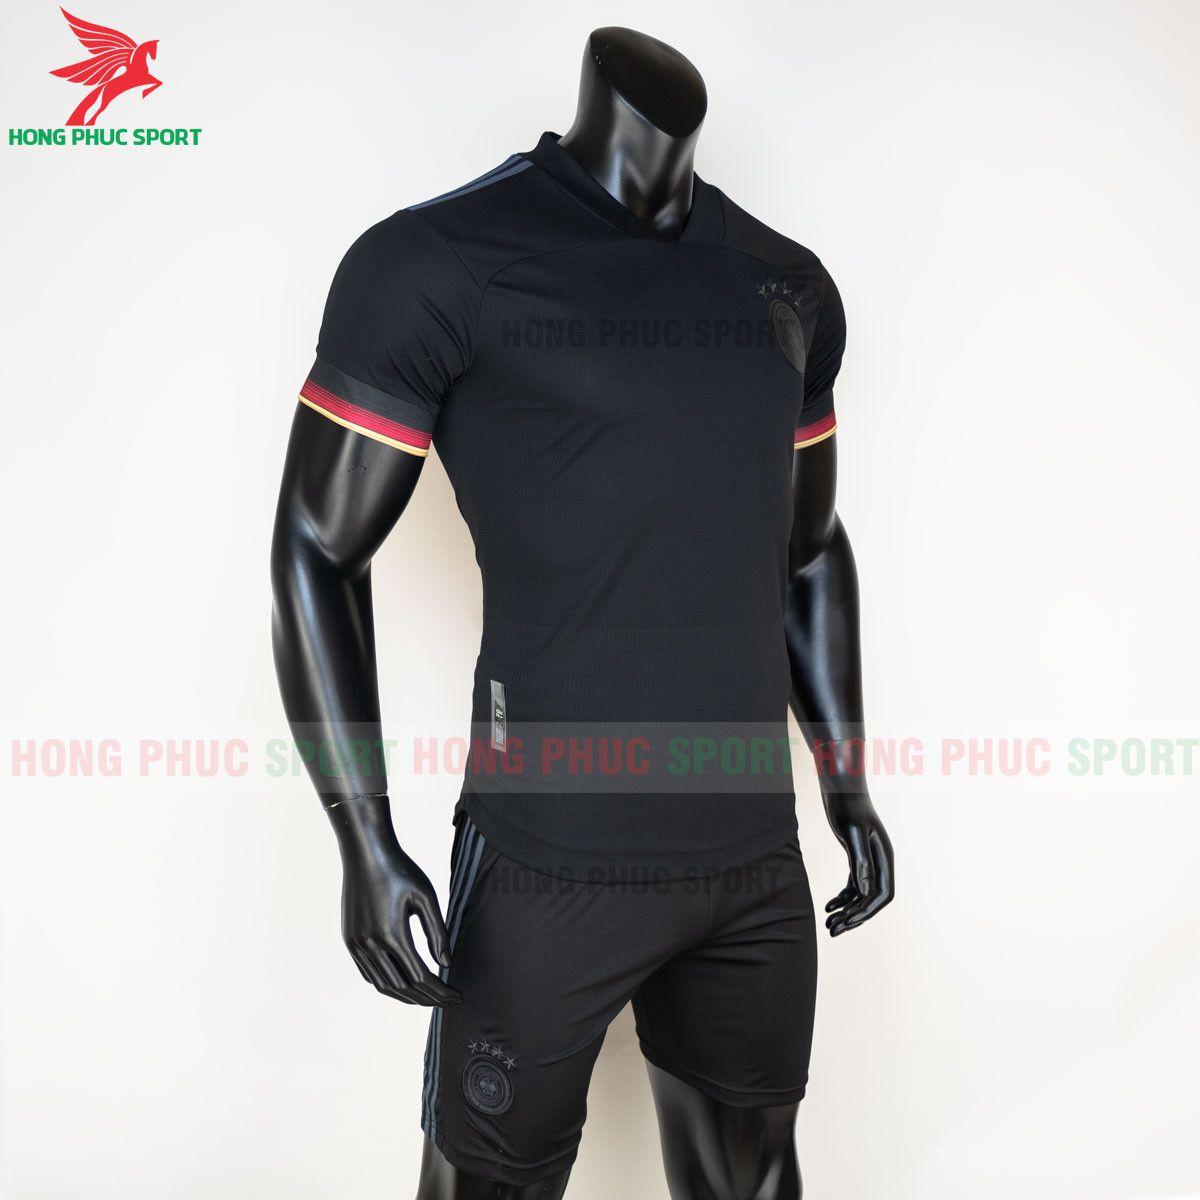 https://cdn.hongphucsport.com/unsafe/s4.shopbay.vn/files/285/ao-bong-da-tuyen-duc-2021-san-khach-hang-thai-4-60d2ffcba2ff2.jpg